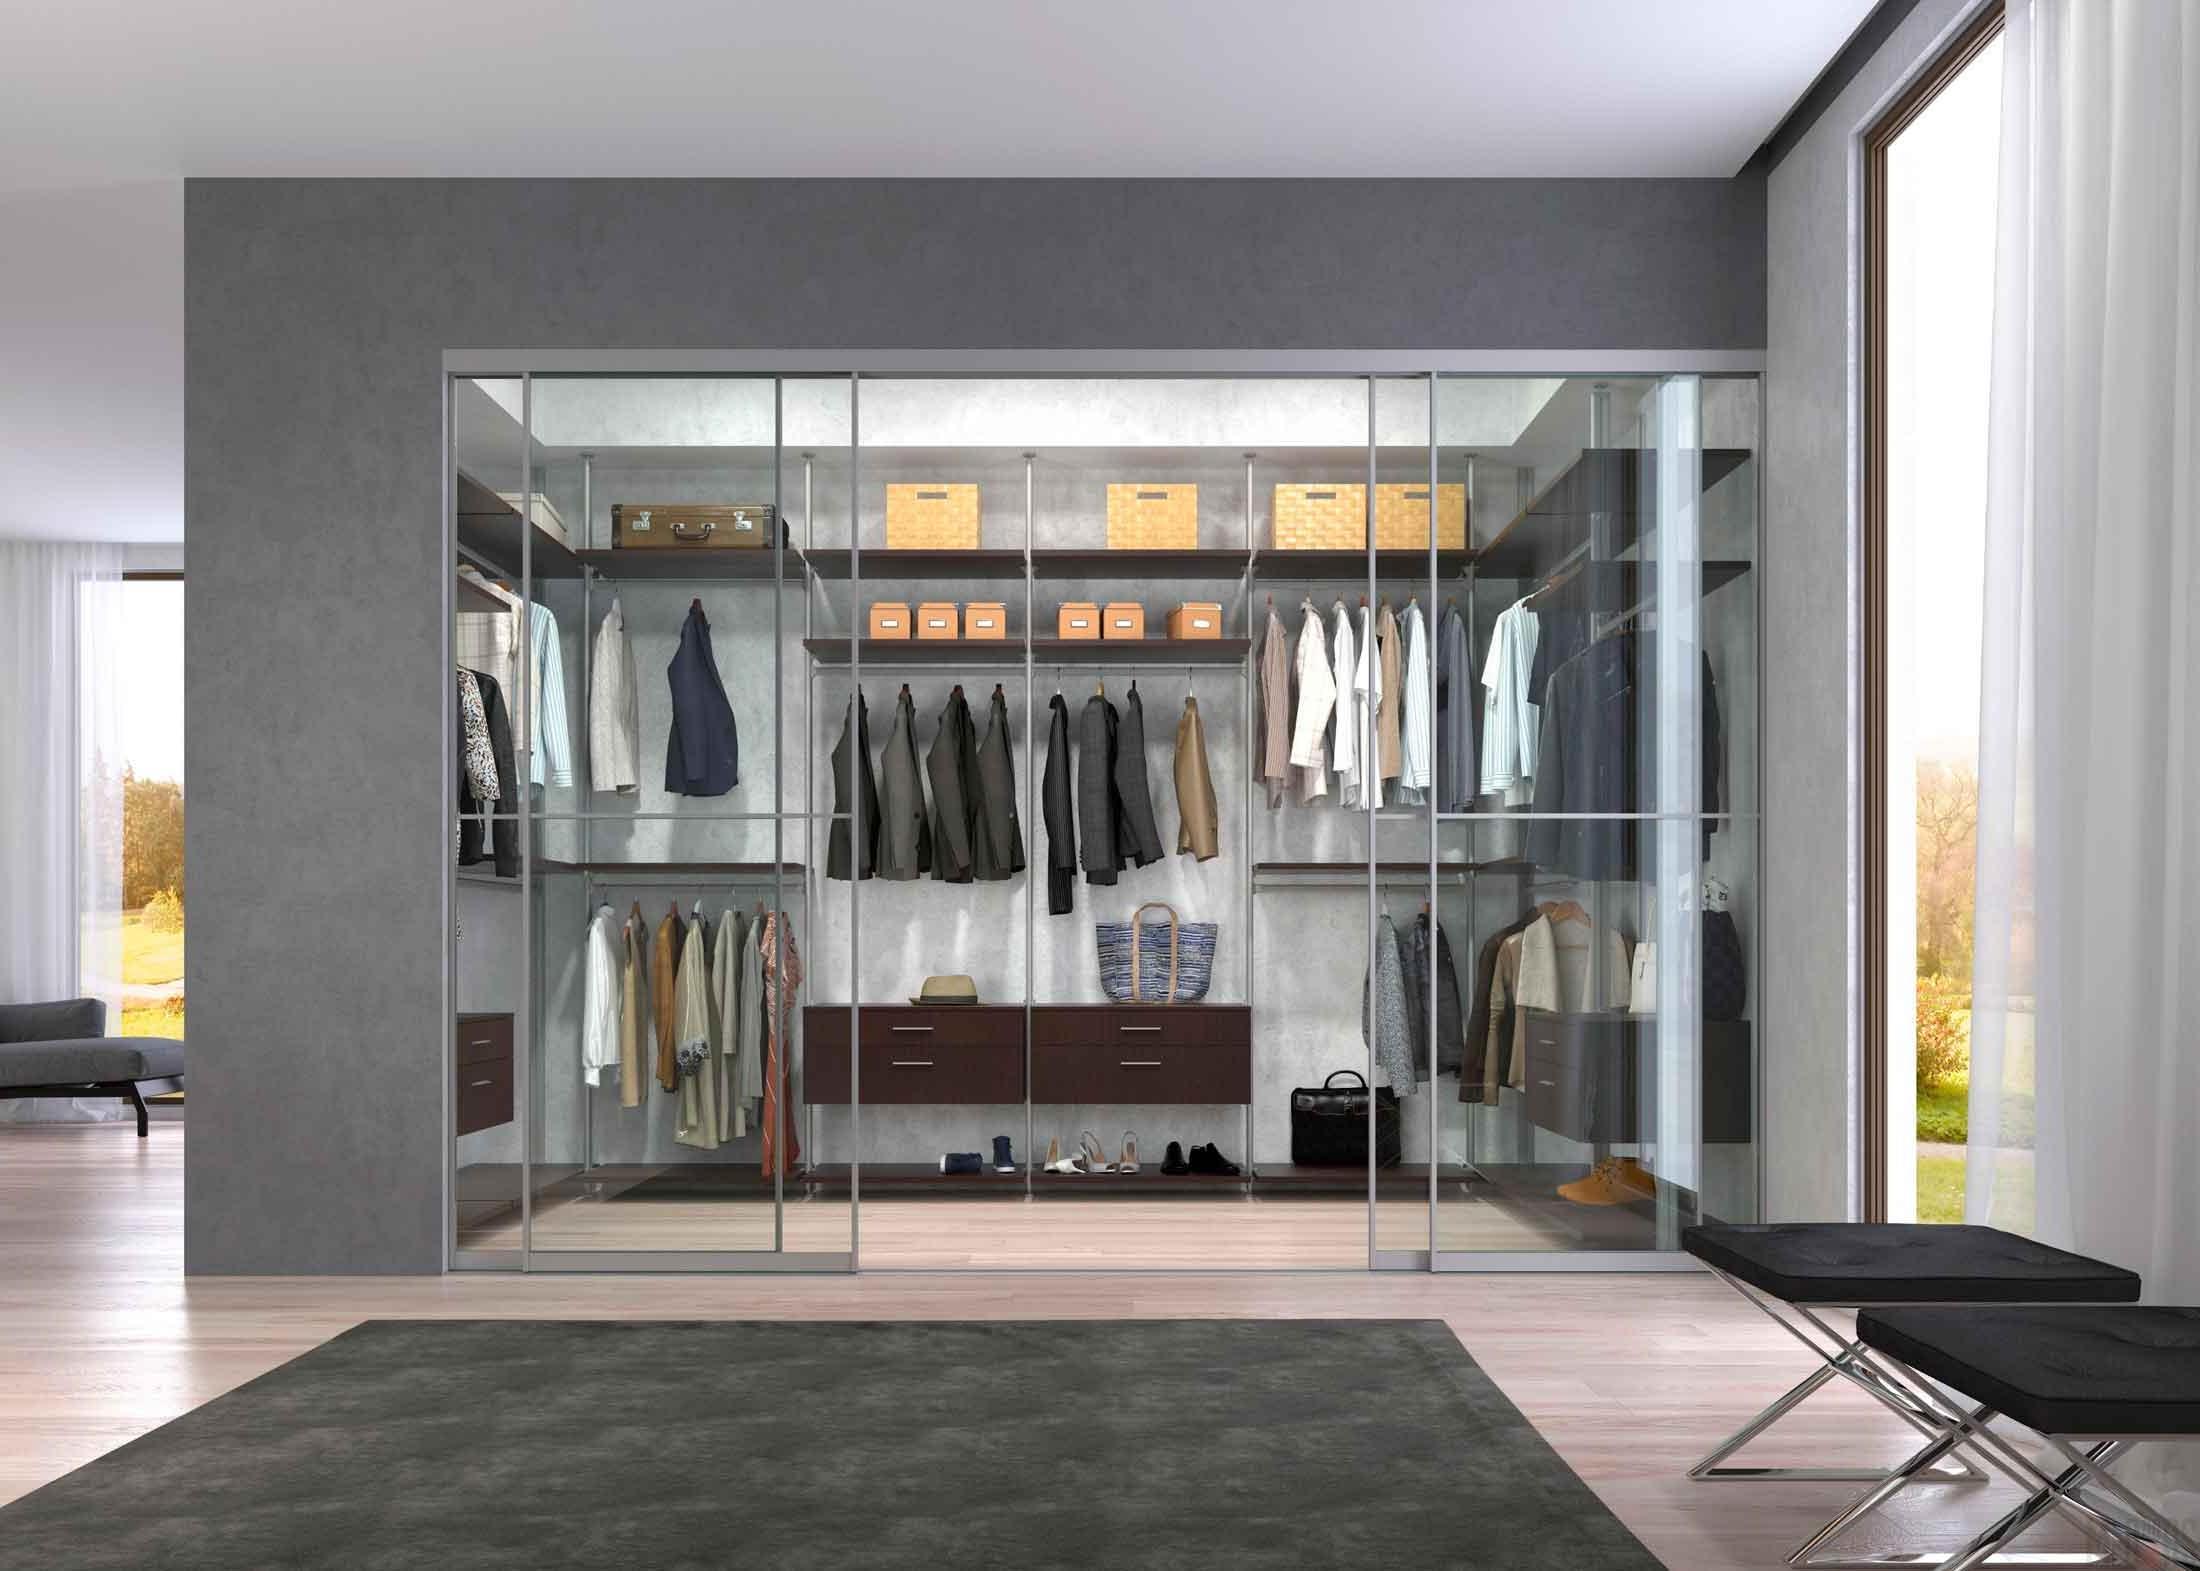 Spacious multi-purpose dressing room design